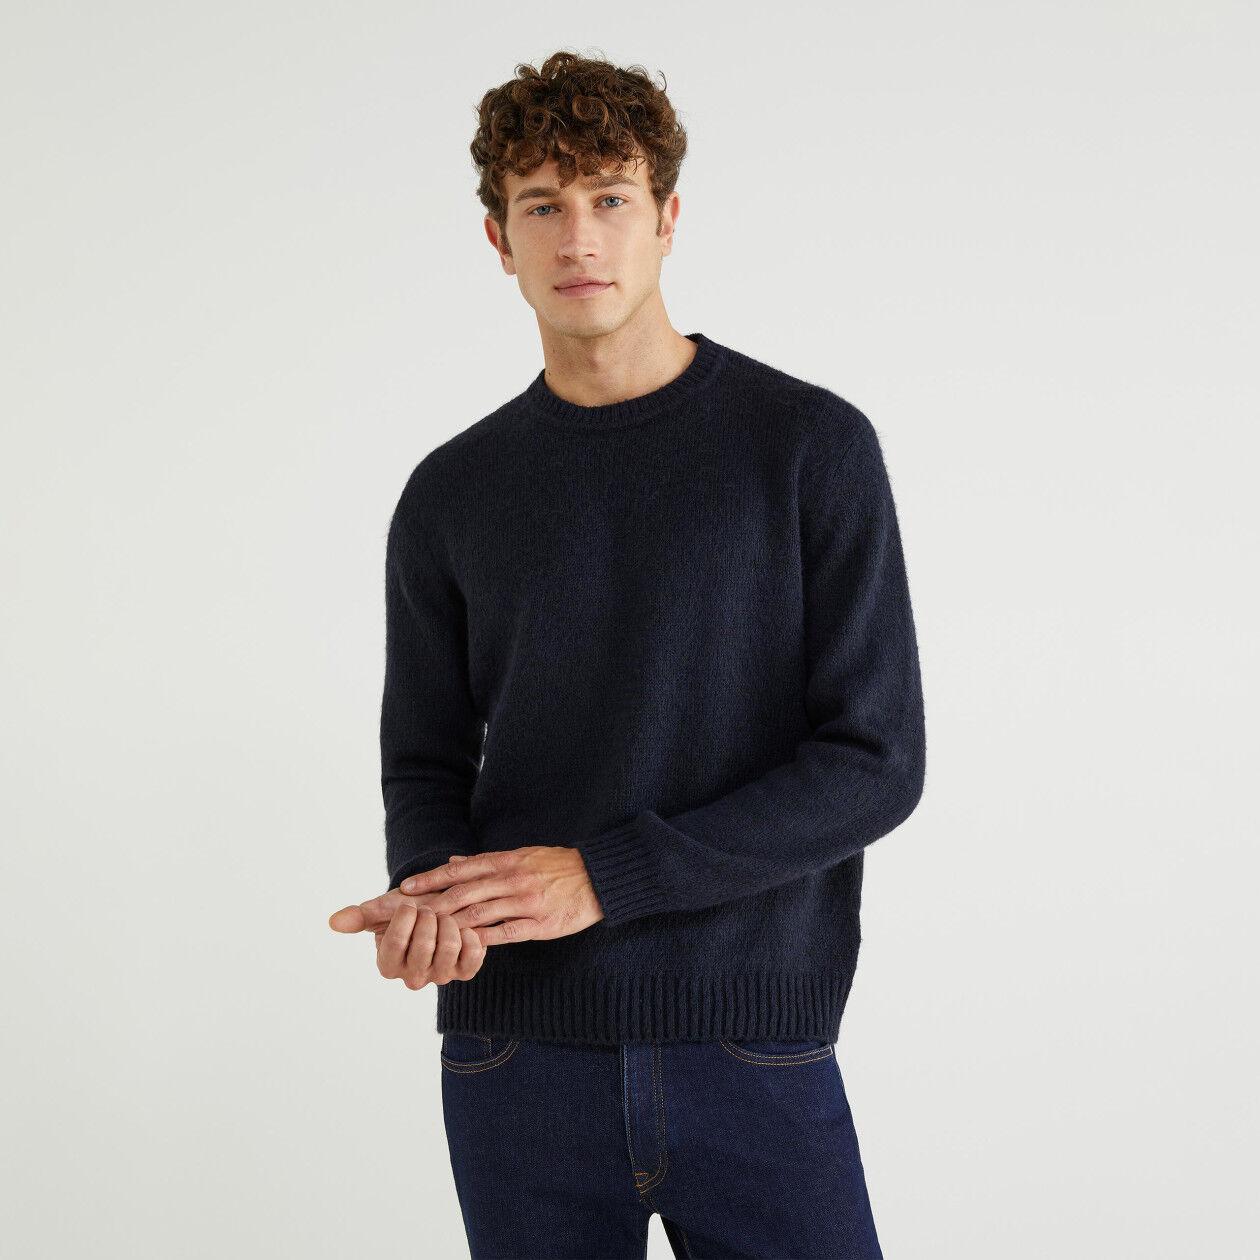 Jersey de cuello redondo de lana mixta